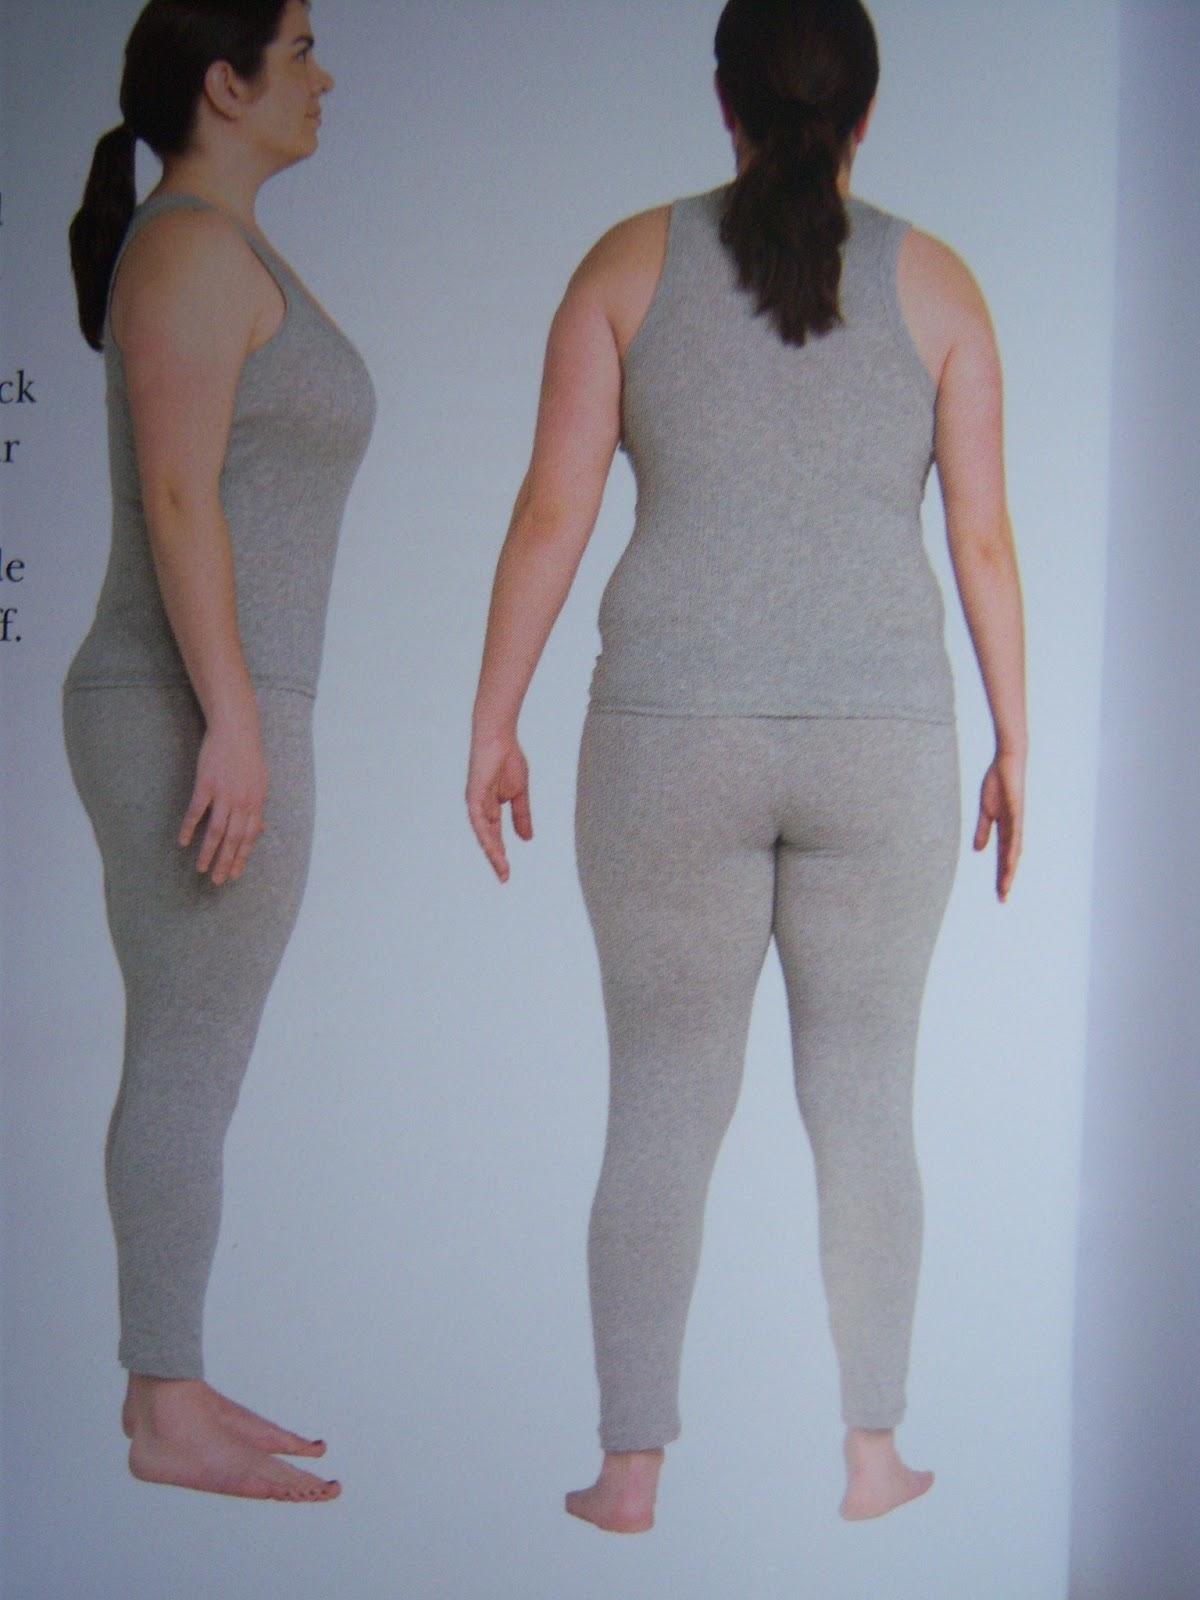 Женская фигура фото вид сзади фото 803-473